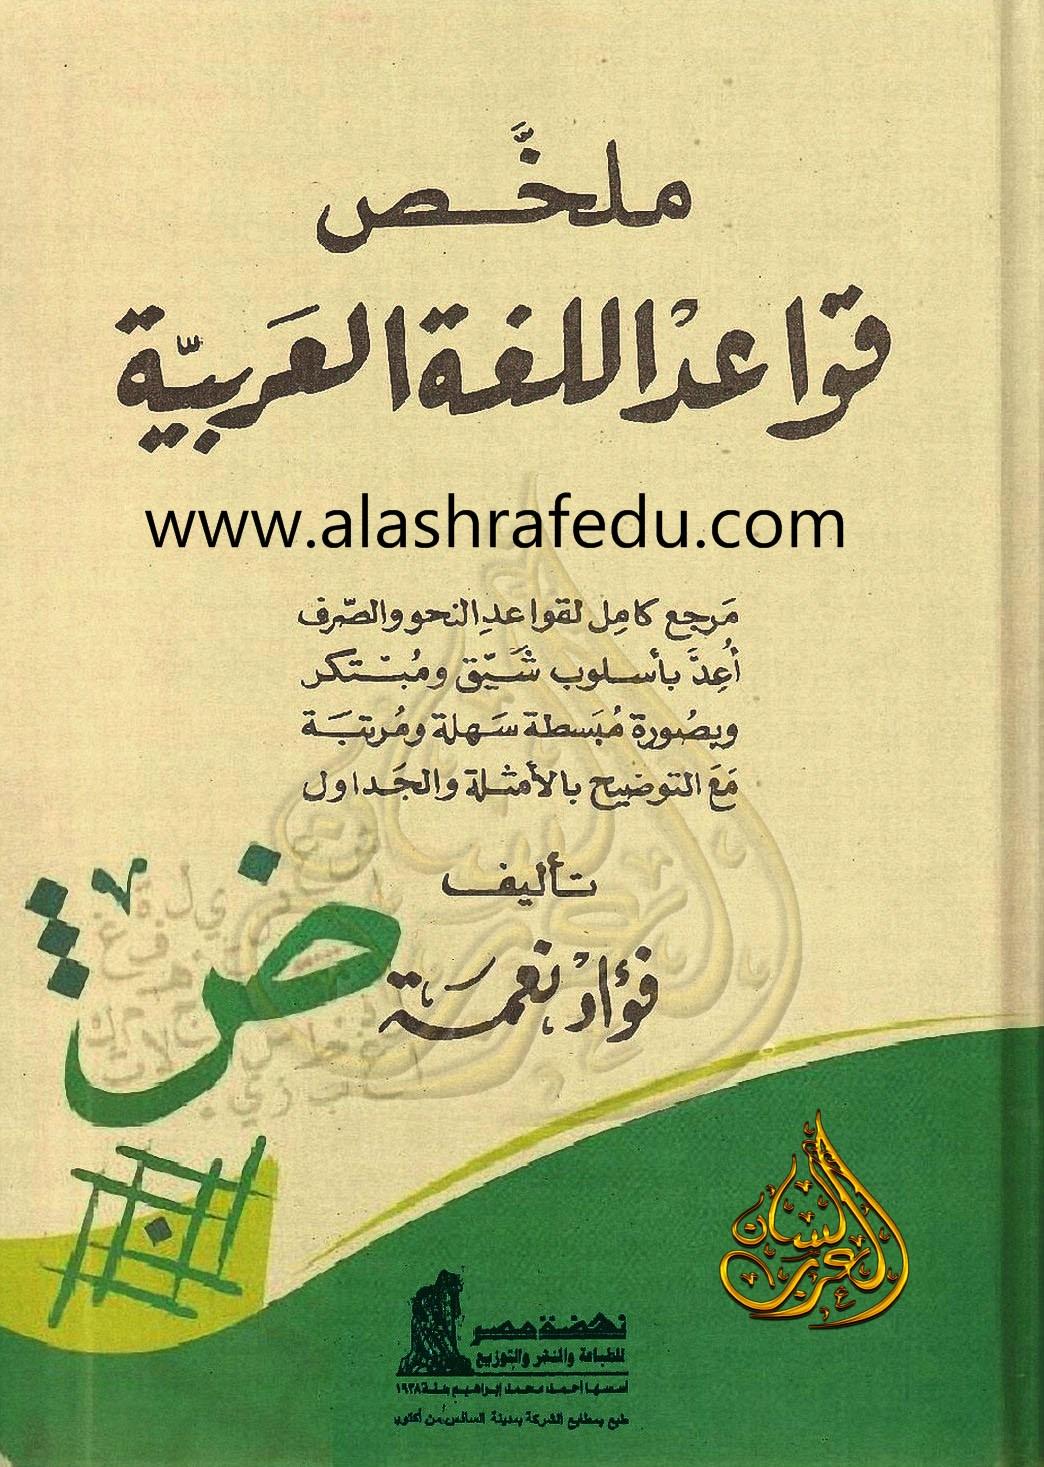 ملخص قواعد اللغه العربيه 2019 www.alashrafedu.com1